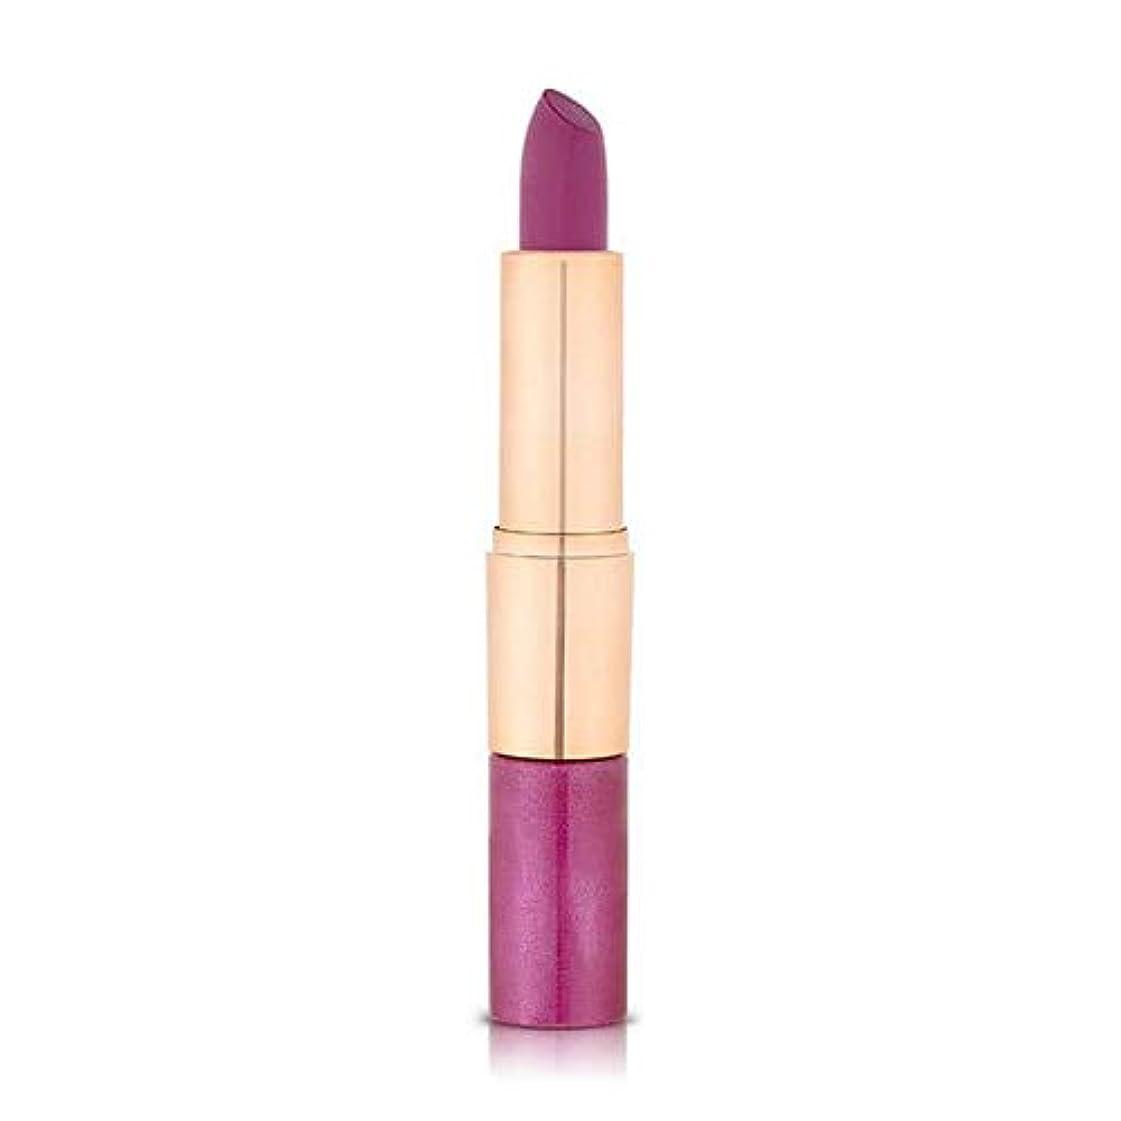 スマッシュするだろうスキー[Flower Beauty ] 花の美しさのミックスN」はマット口紅デュオバイオレットビクセン689 - Flower Beauty Mix N' Matte Lipstick Duo Violet Vixen 689...